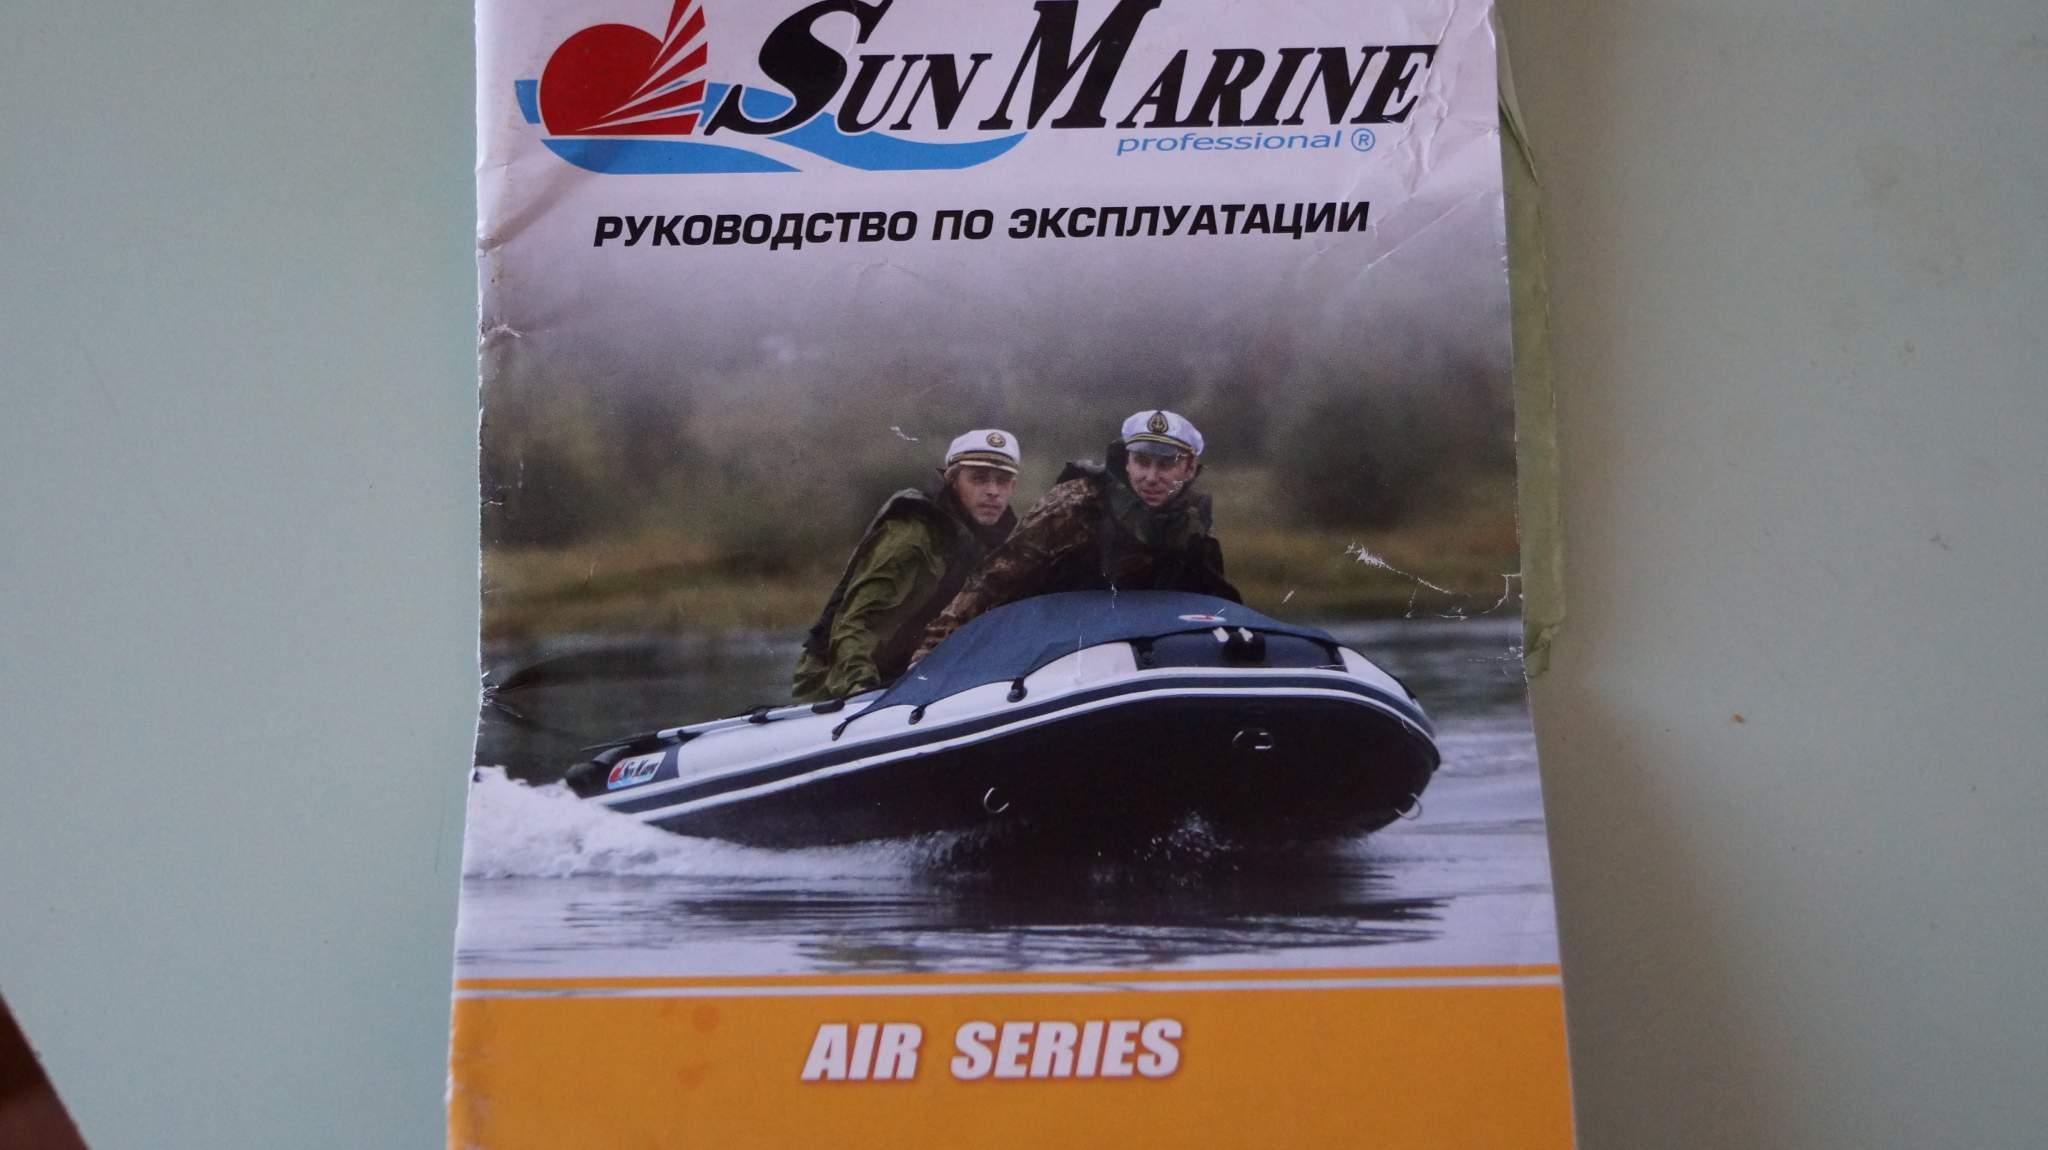 лодки двухместные российского производства